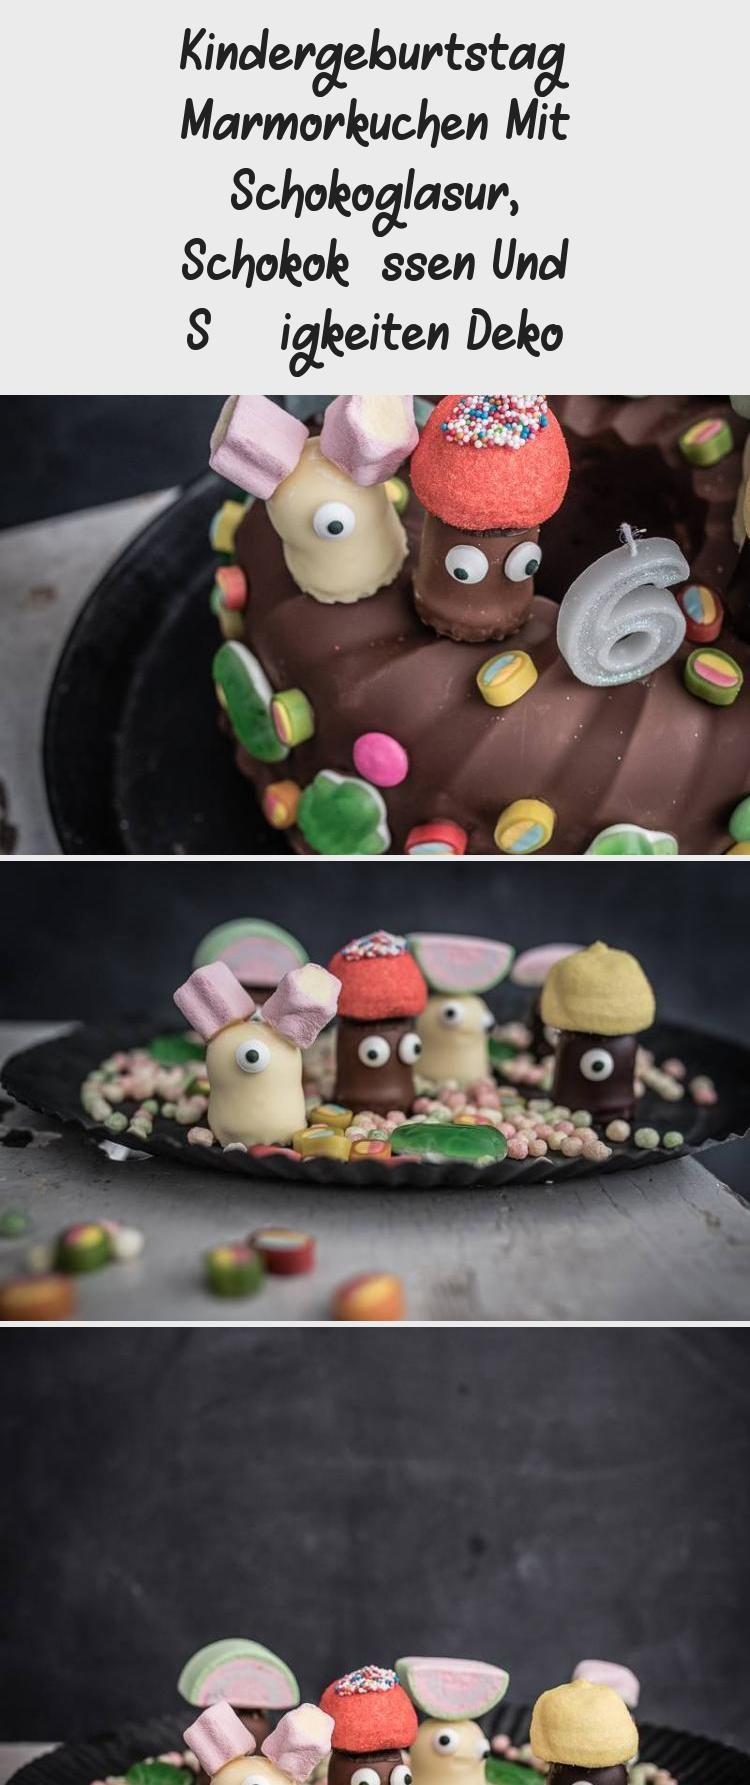 Kindergeburtstag Marmorkuchen Mit Schokoglasur, Schokoküssen Und Süßigkeiten Deko – Kuchen